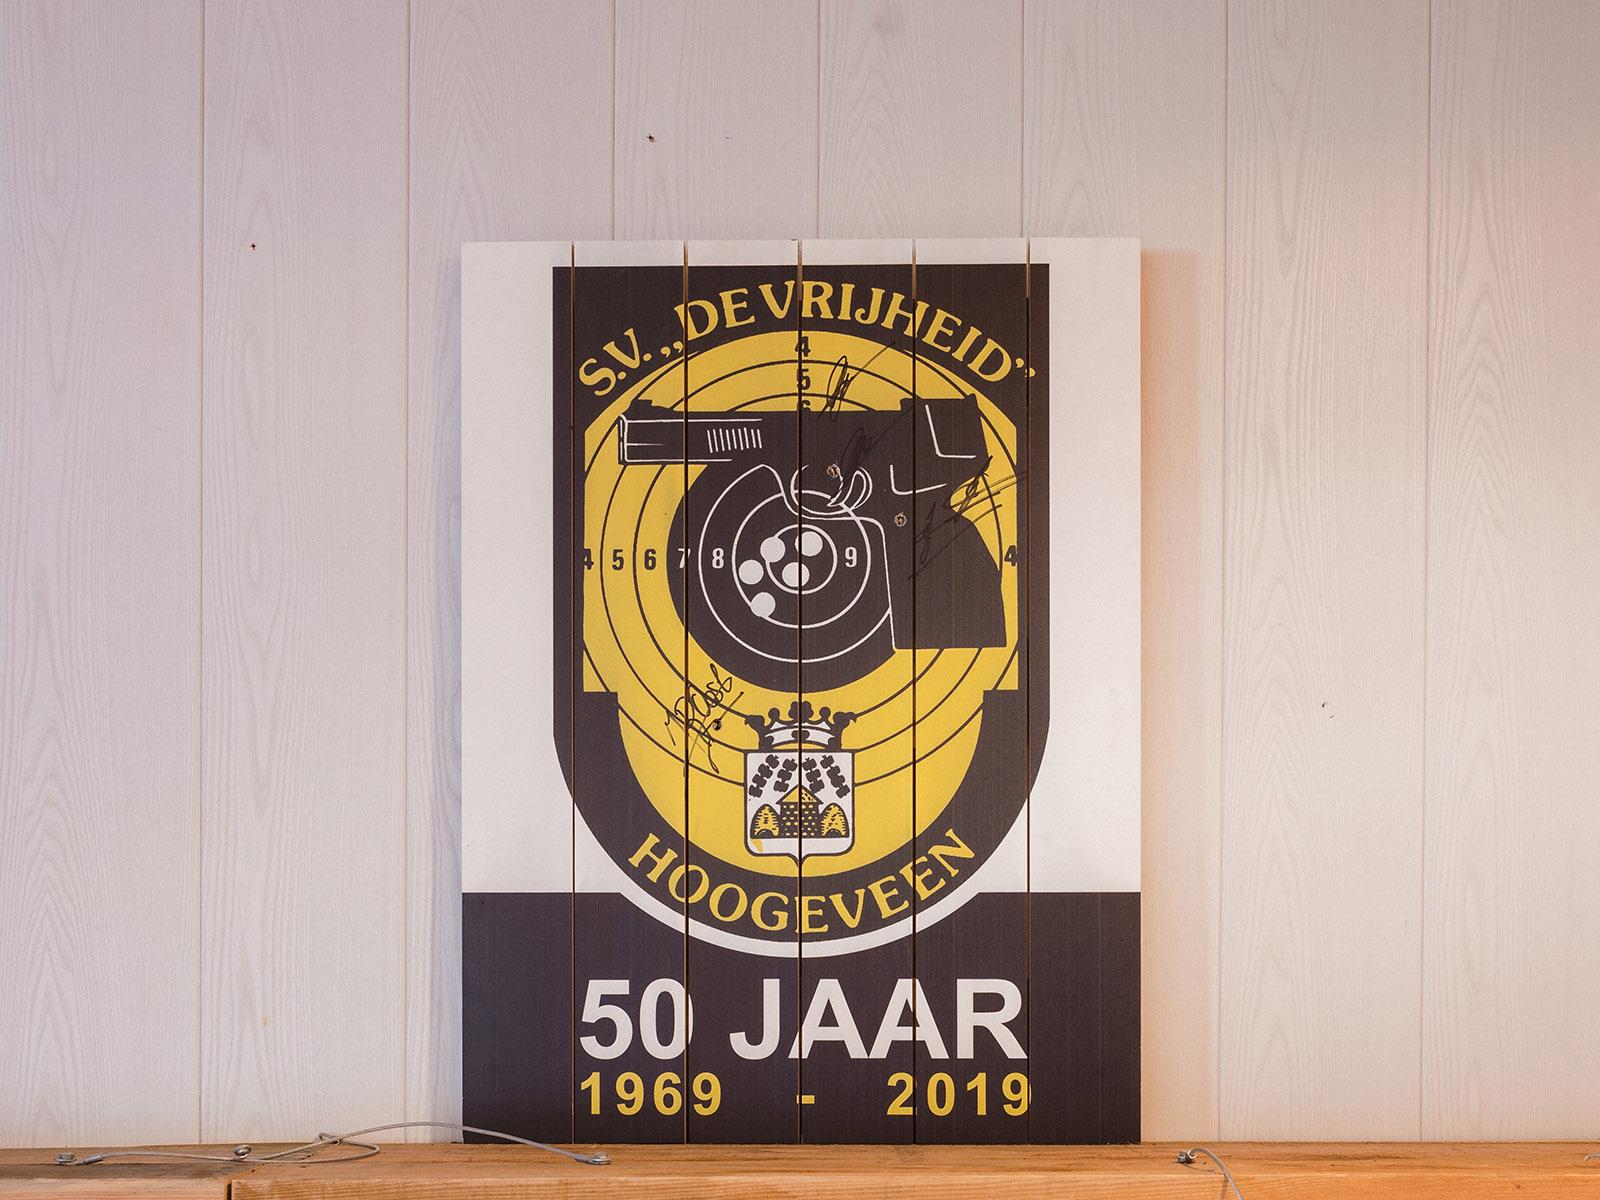 50 jarig jubileum van SV De Vrijheid Hoogeveen